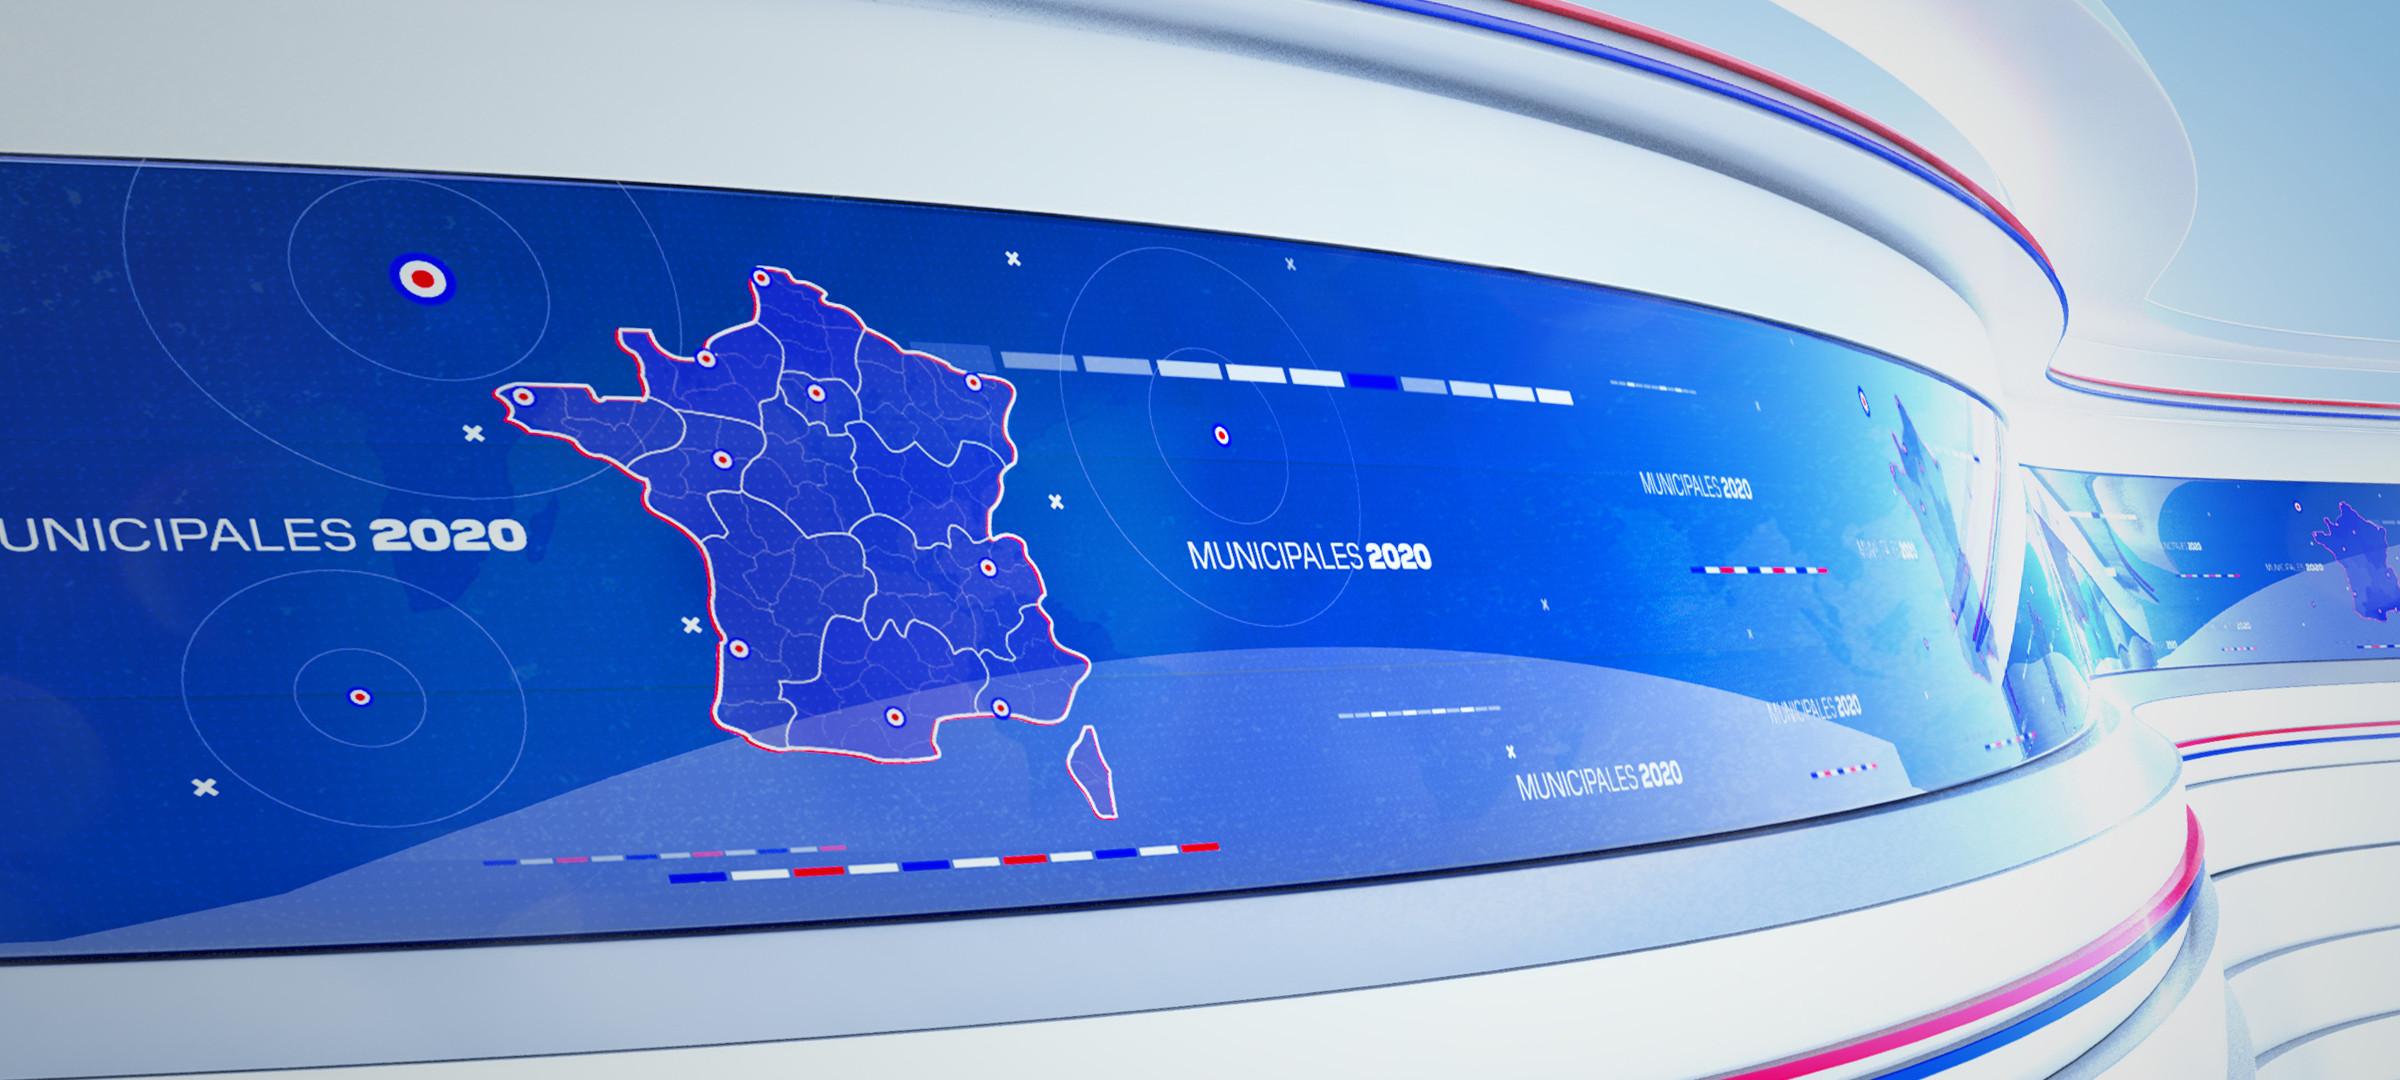 Élections Municipales 2020 BFMTV JARDIN